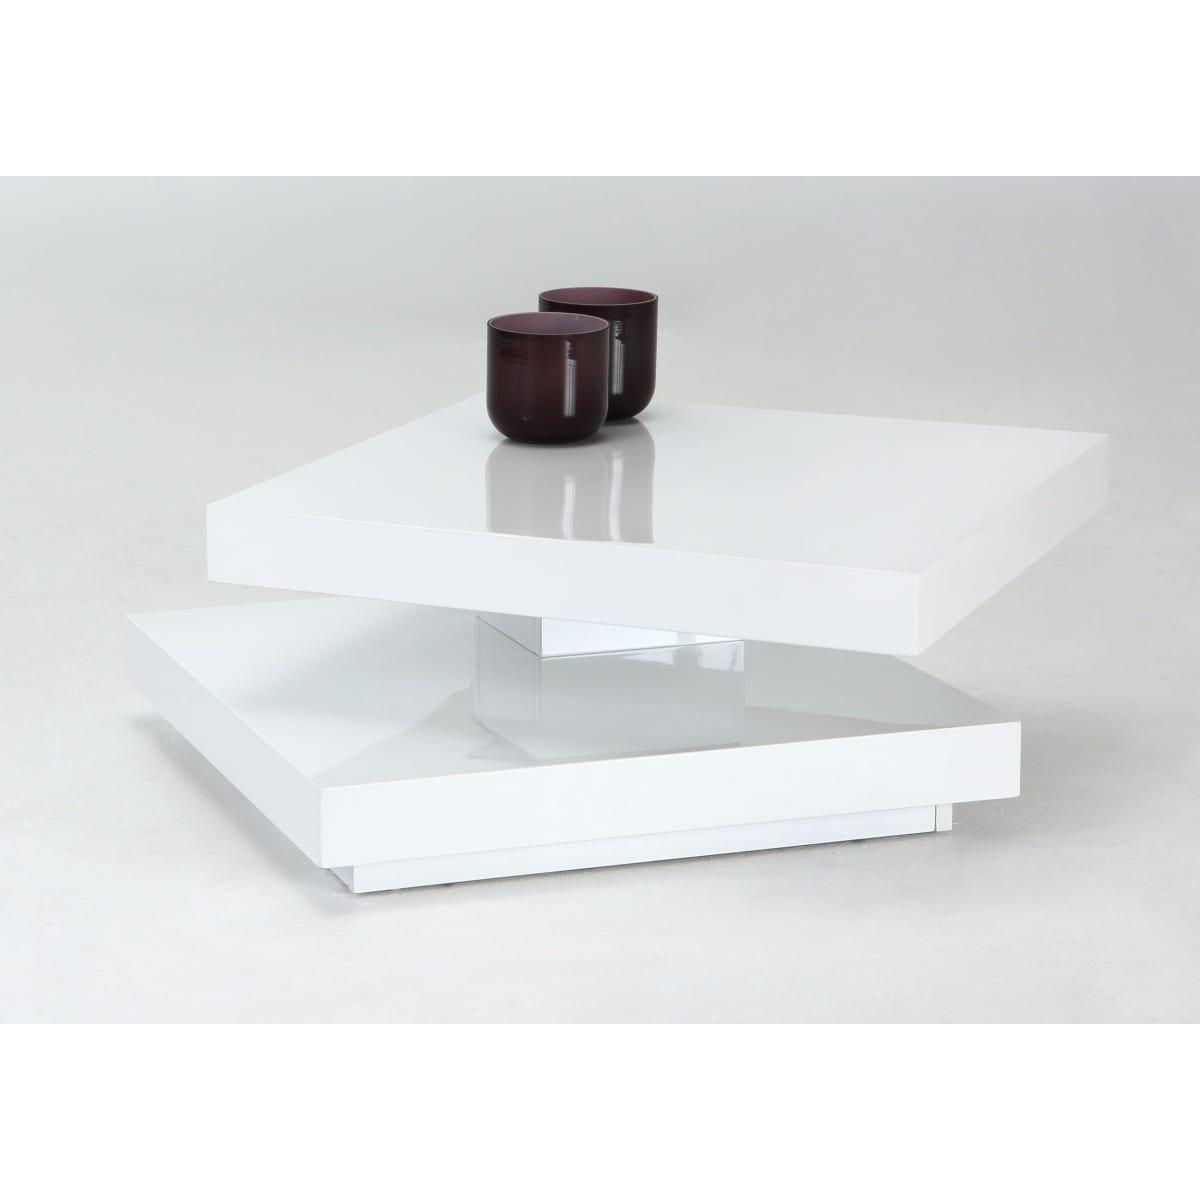 couchtisch wei hochglanz couchtische beistelltische. Black Bedroom Furniture Sets. Home Design Ideas